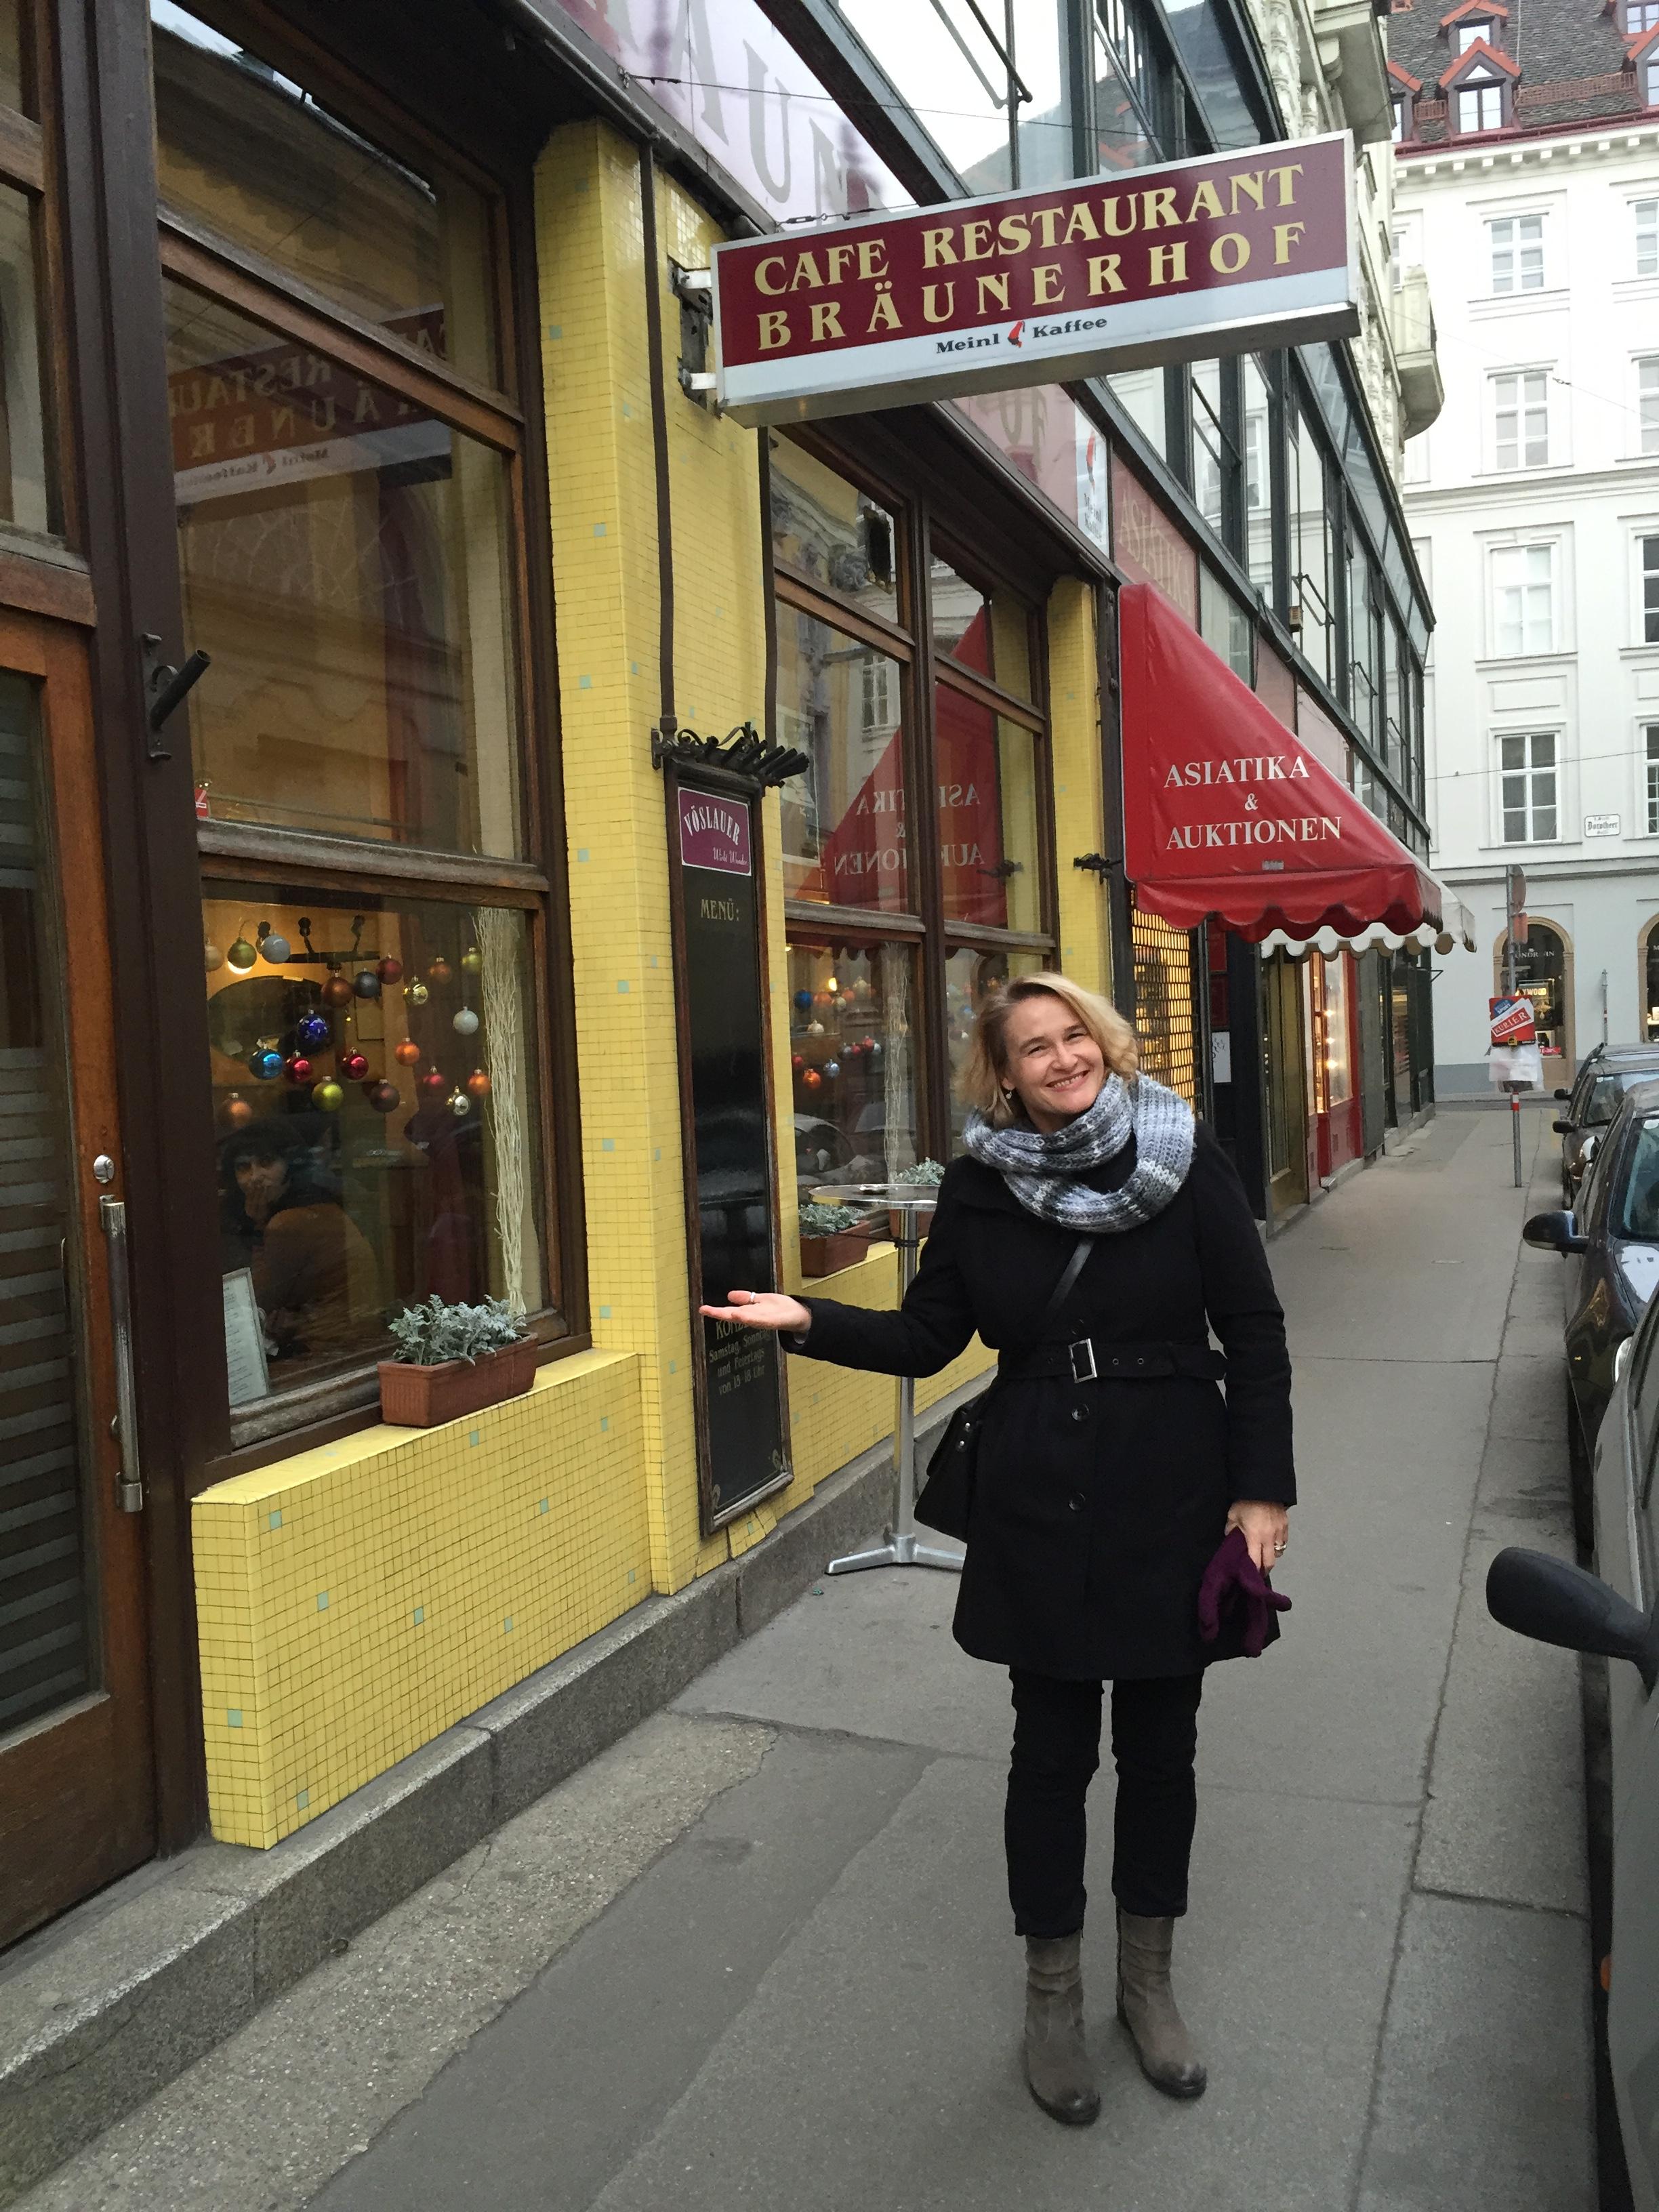 Das Café Restaurant Bräunerhof in einer kleinen Seitenstraße der Wiener Innenstadt ist eines meiner Lieblingscafés. (Foto: Kultreiseblog)